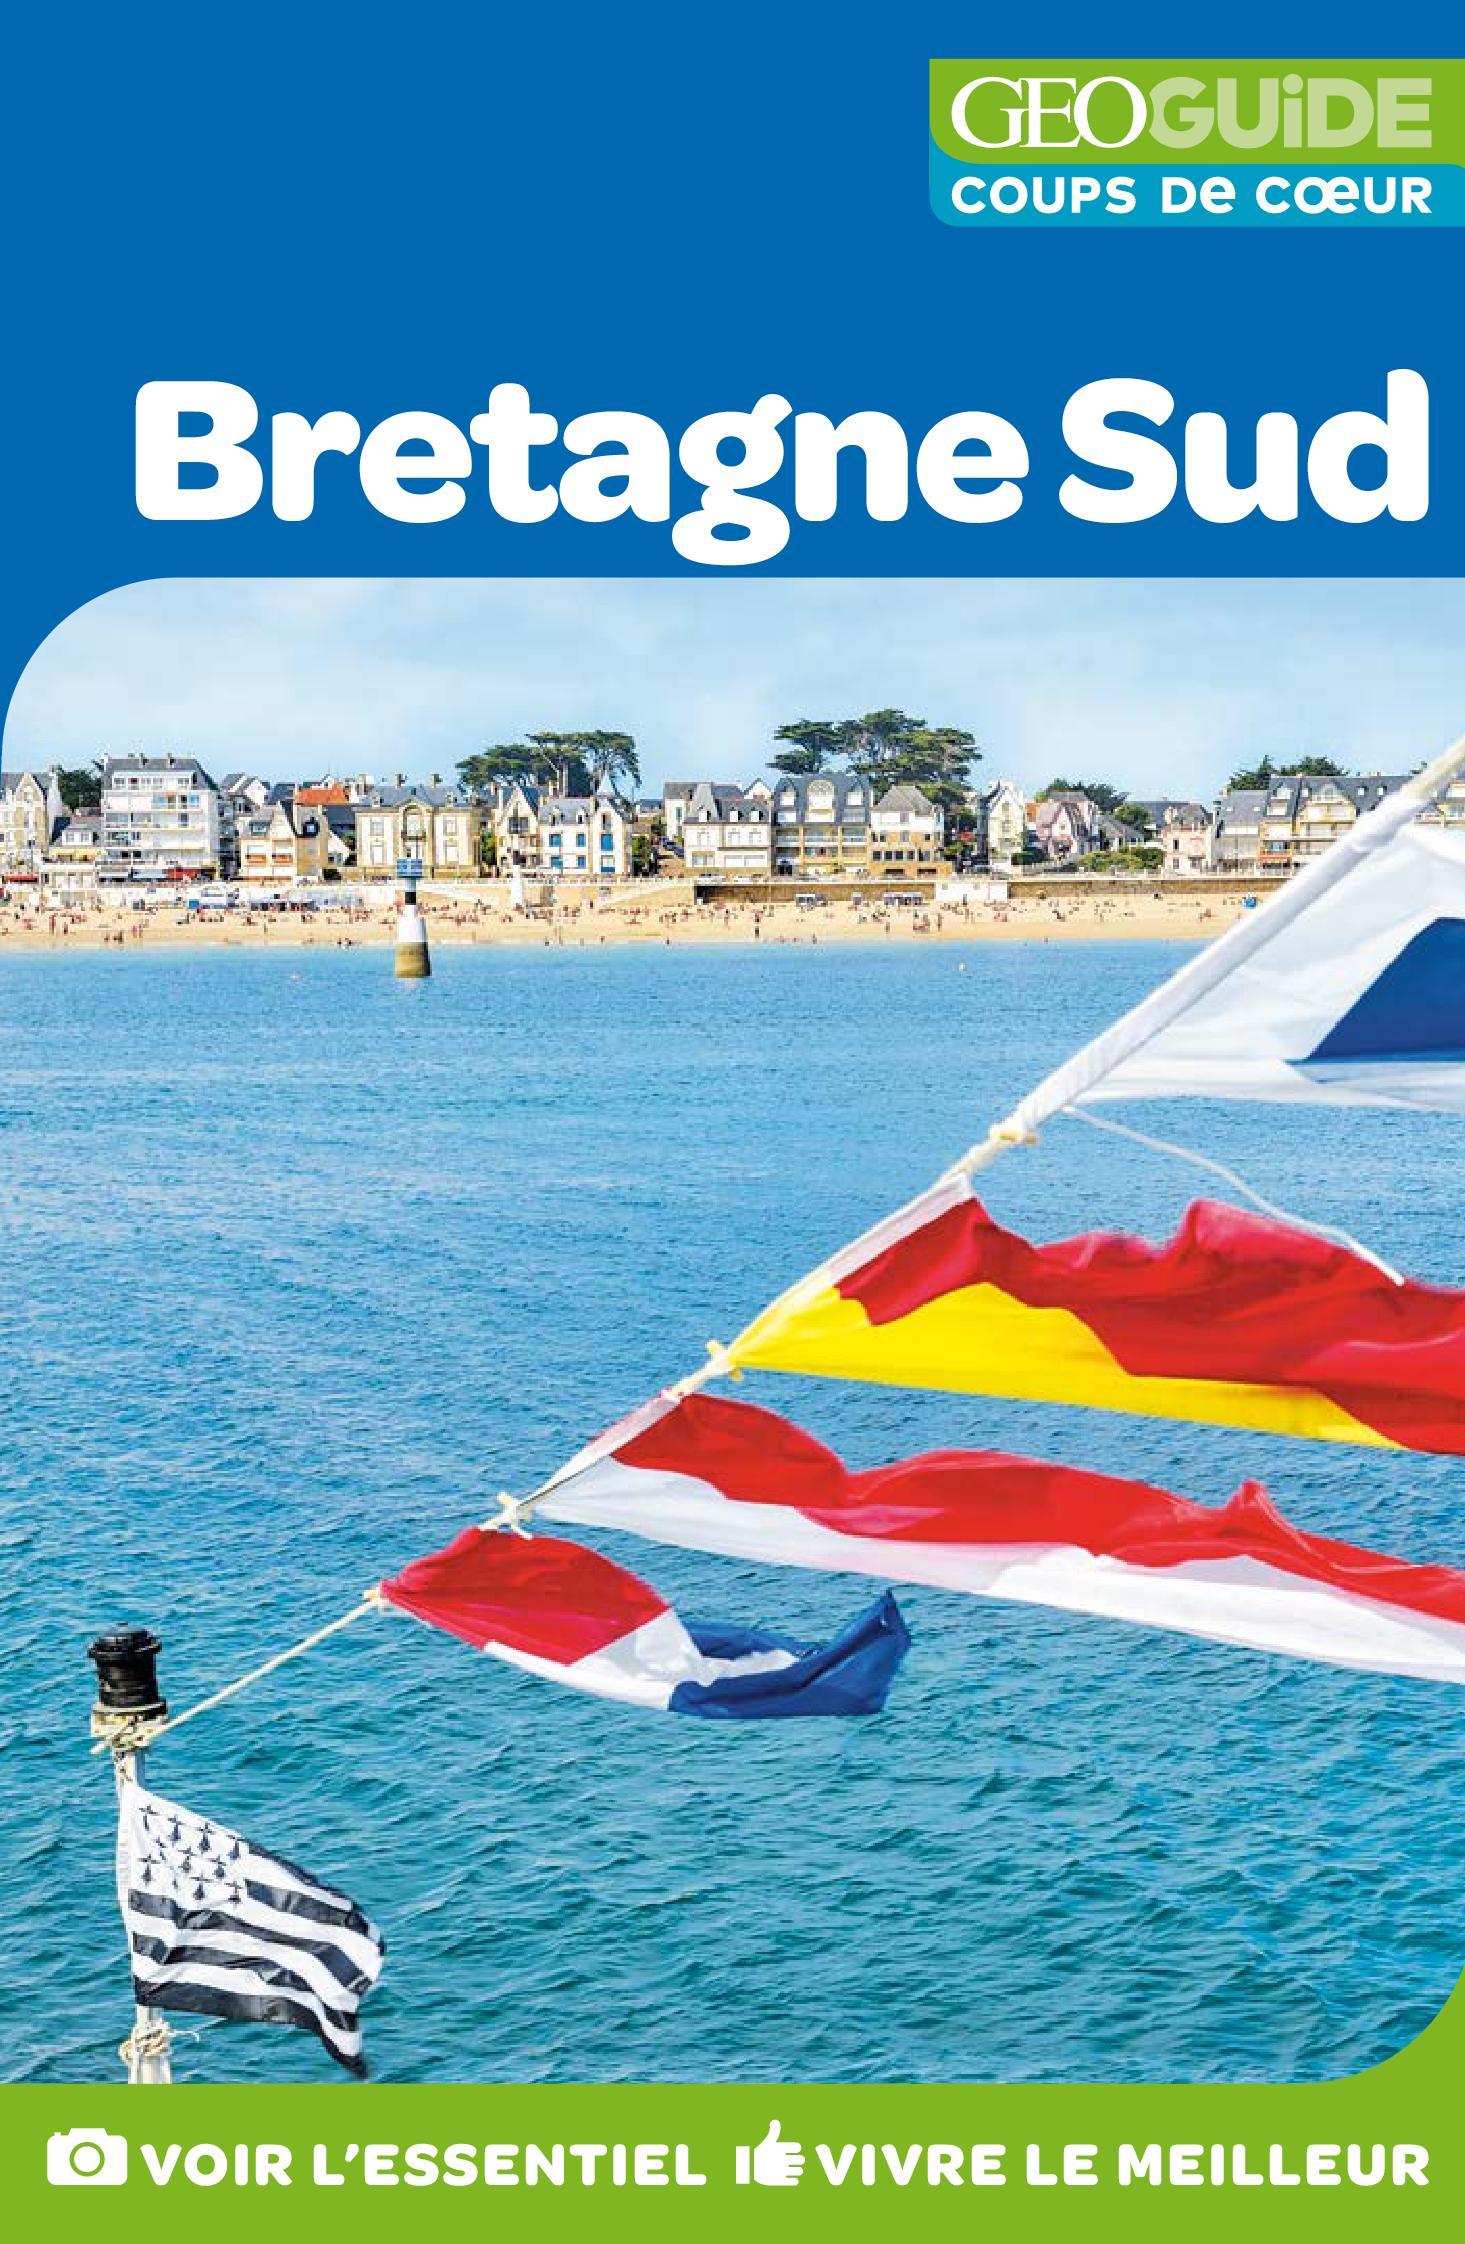 GEOguide Coups de coeur Bretagne Sud | Collectif Gallimard Loisirs,